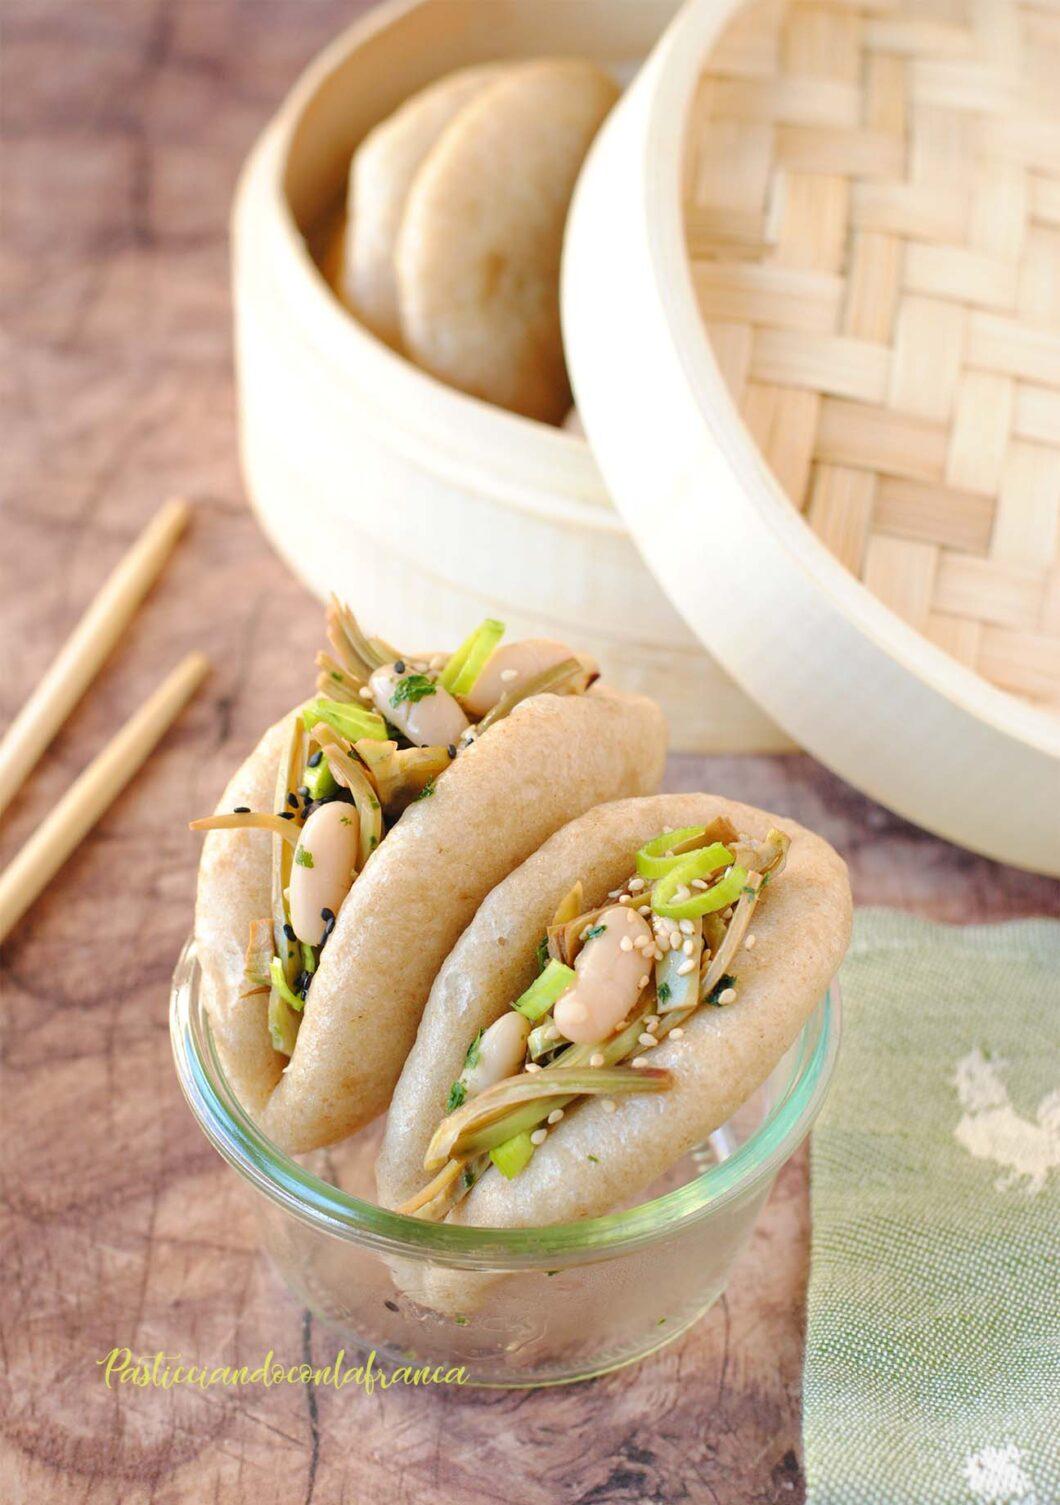 questa immagine rappresenta panini cinesi al vapore bao buns ricetta di pasticciandoconlafranca